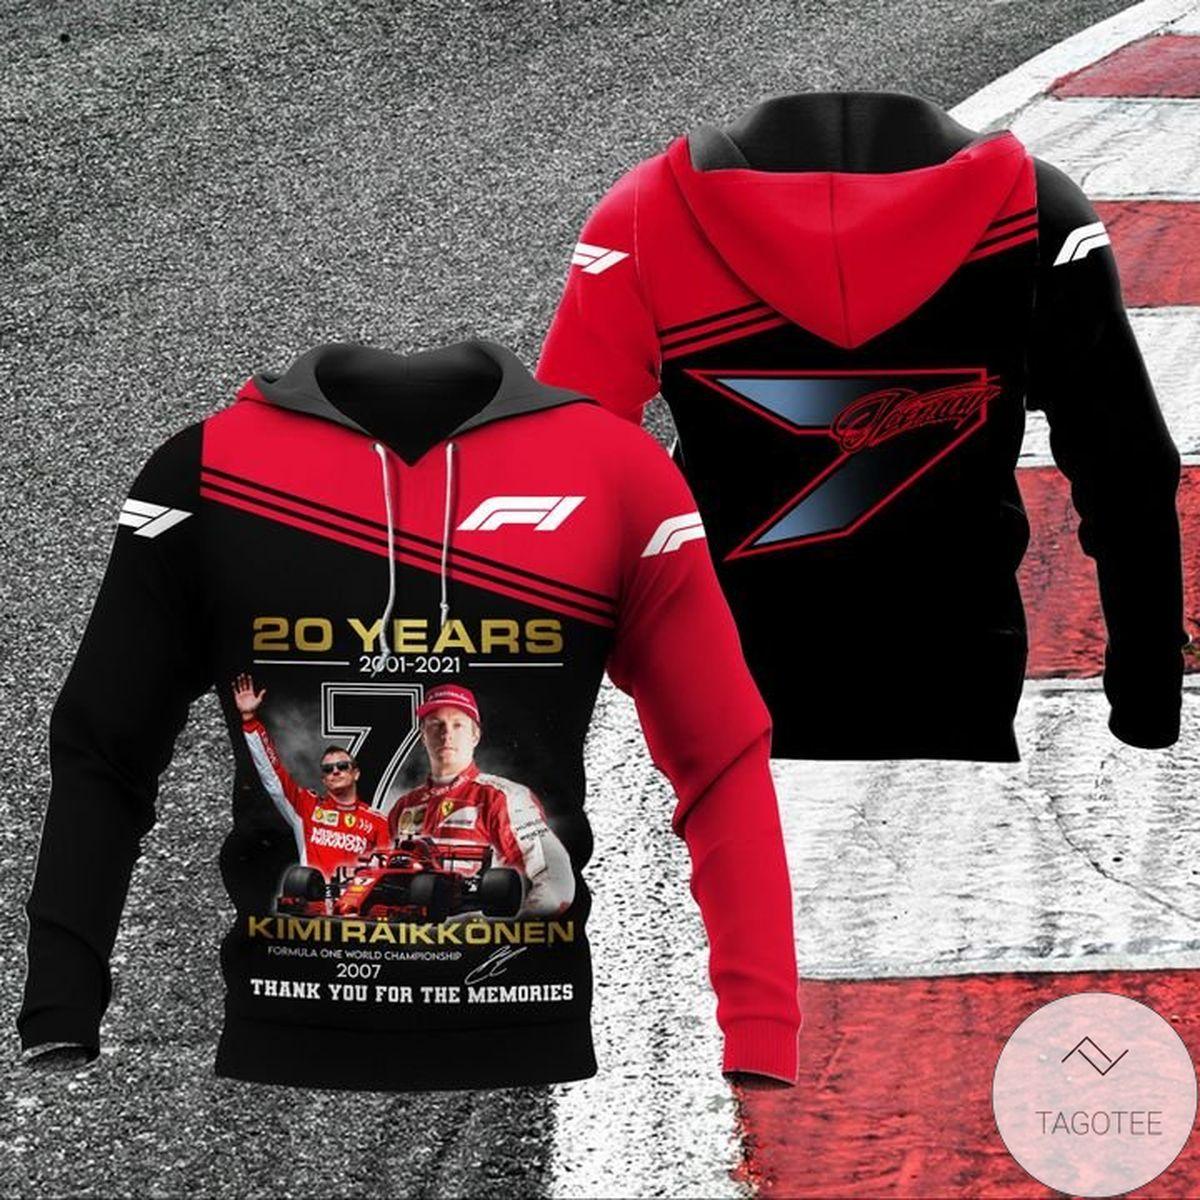 20 Years 2001-2021 Kimi Raikkonen Hoodie